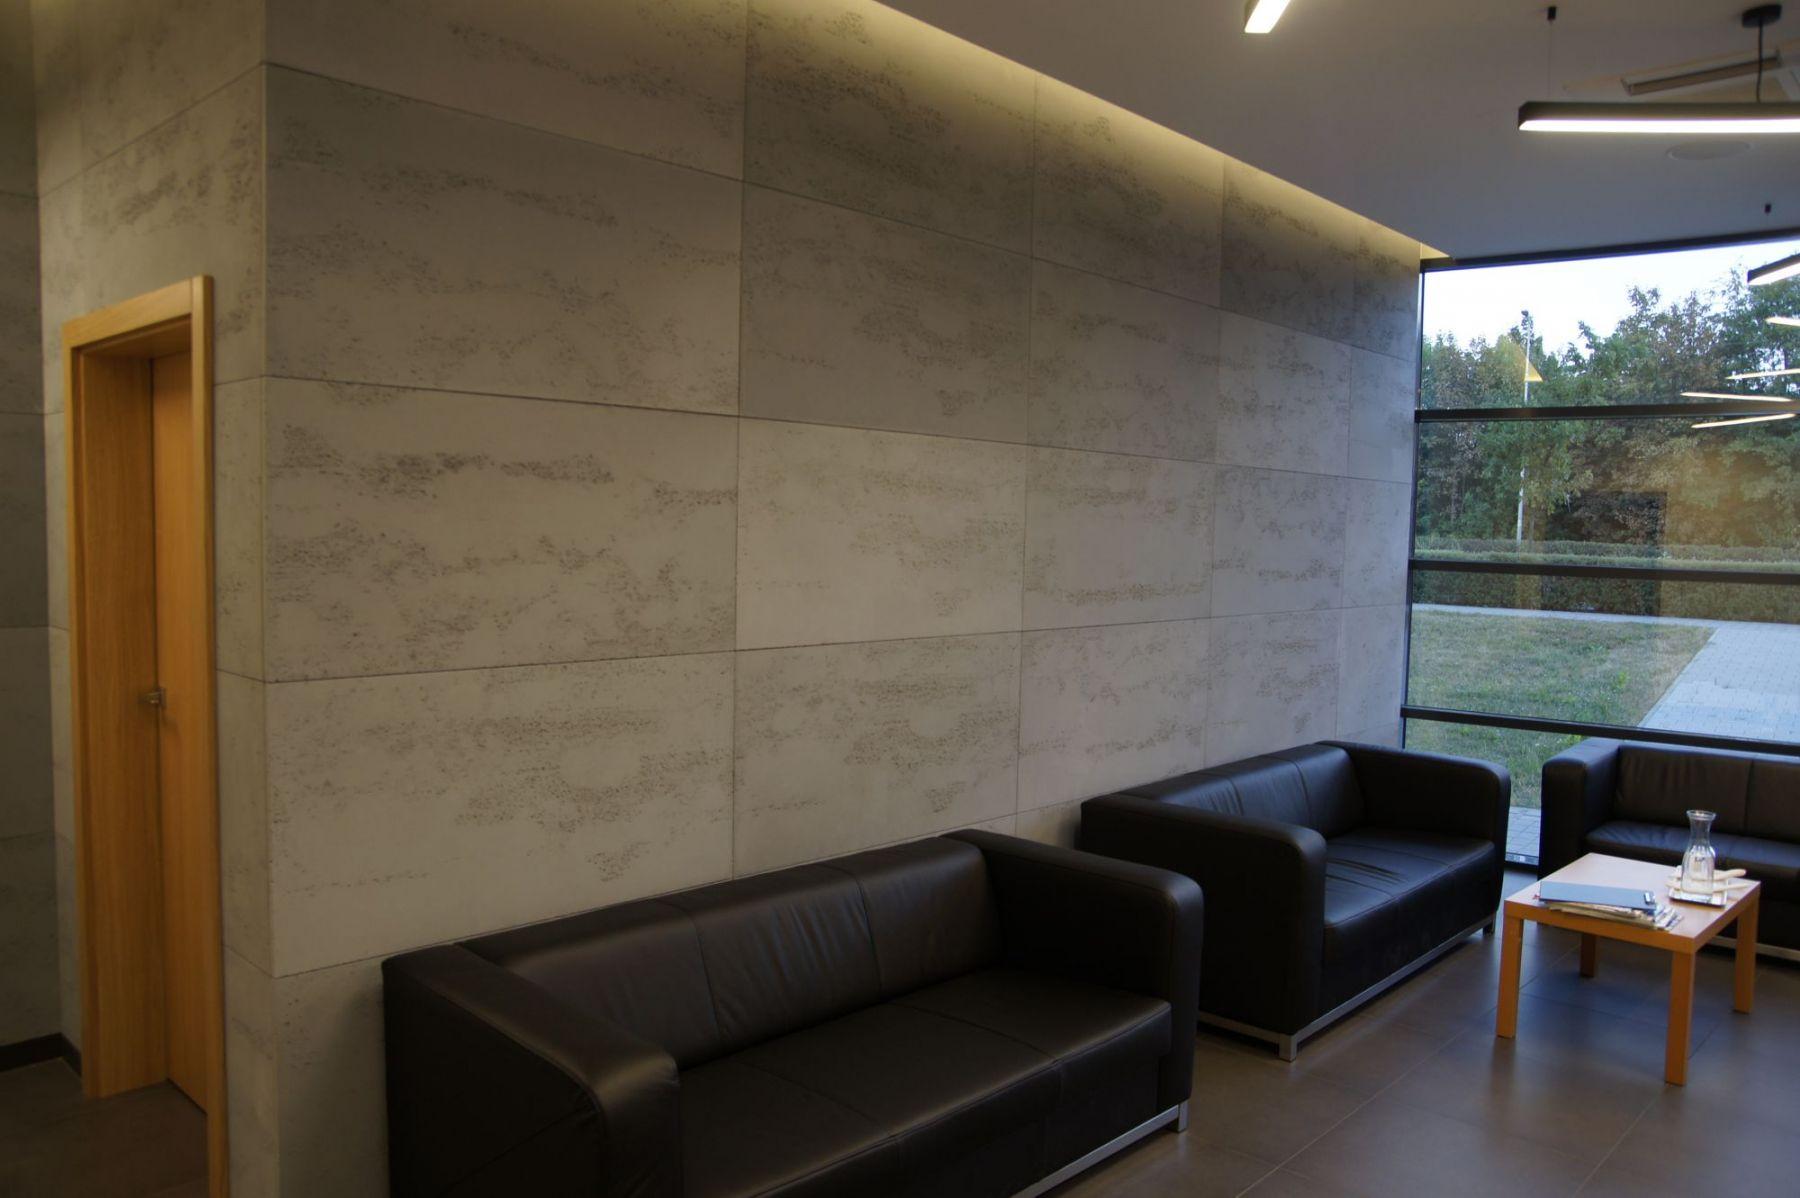 Beton Architektoniczny Dekoracyjny Cena Płyt Gruparm